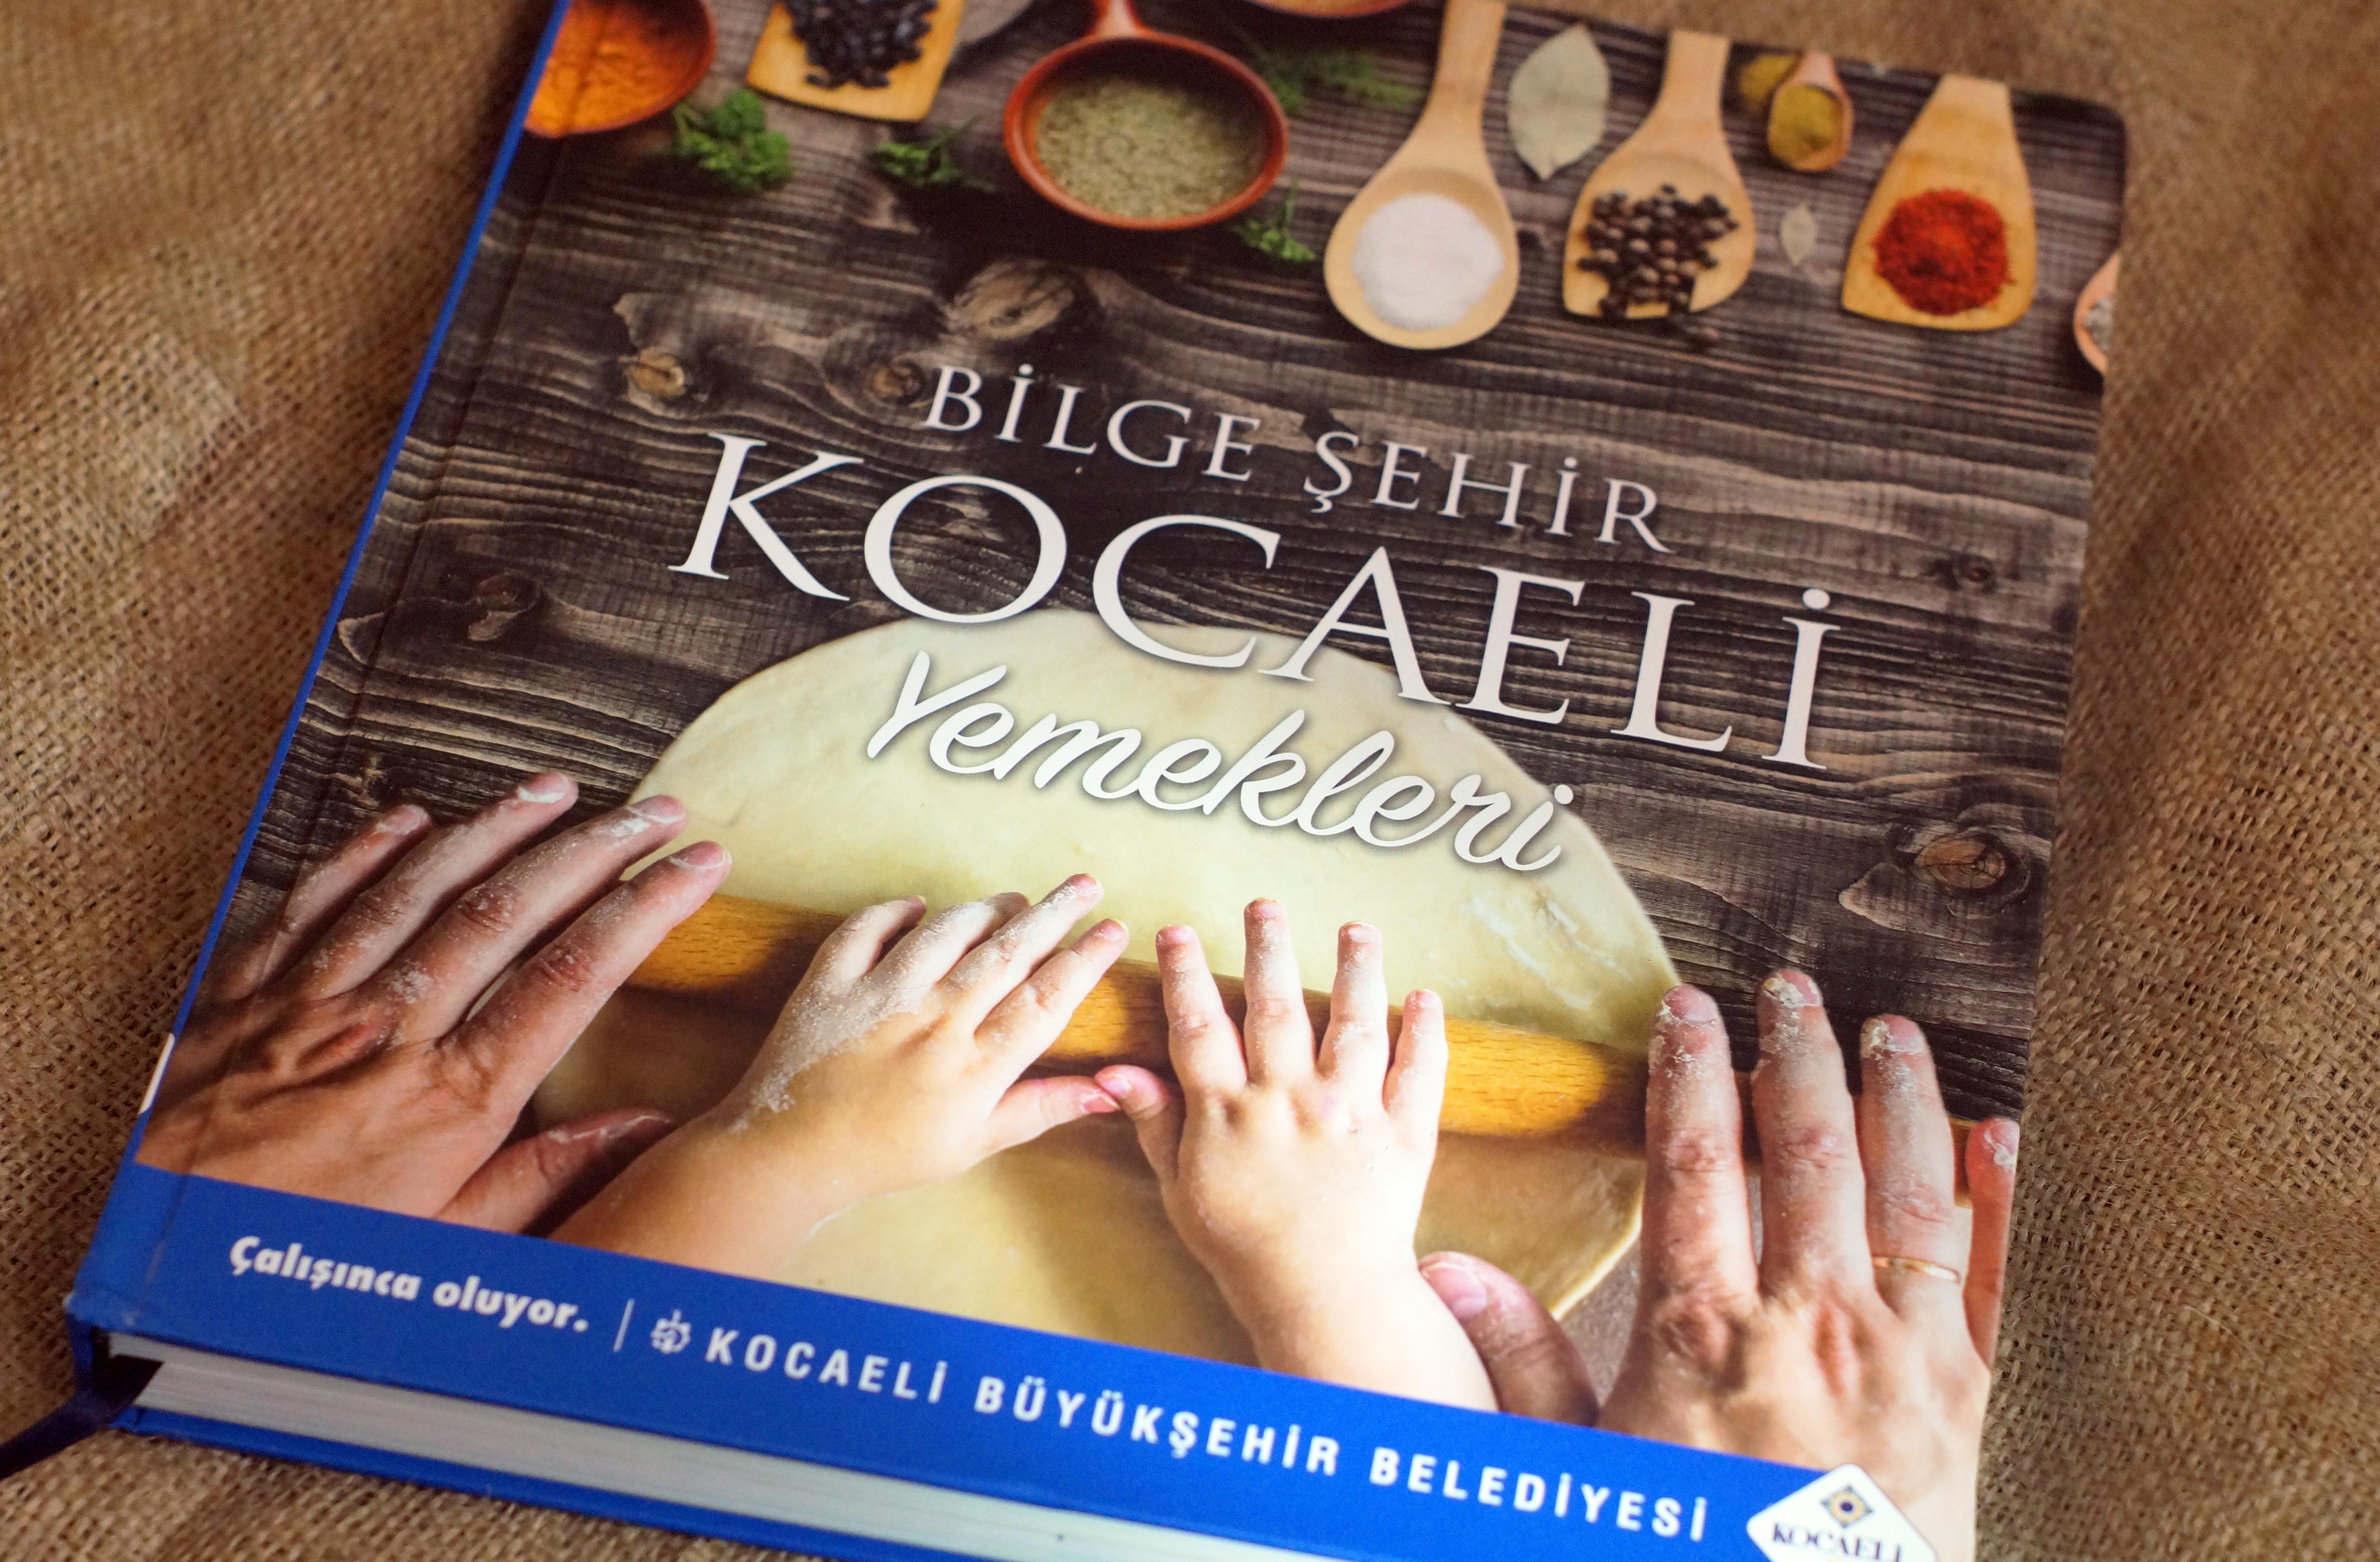 Kocaeli'nin az tanınan mutfak zenginliği, dev bir kitapta toplandı